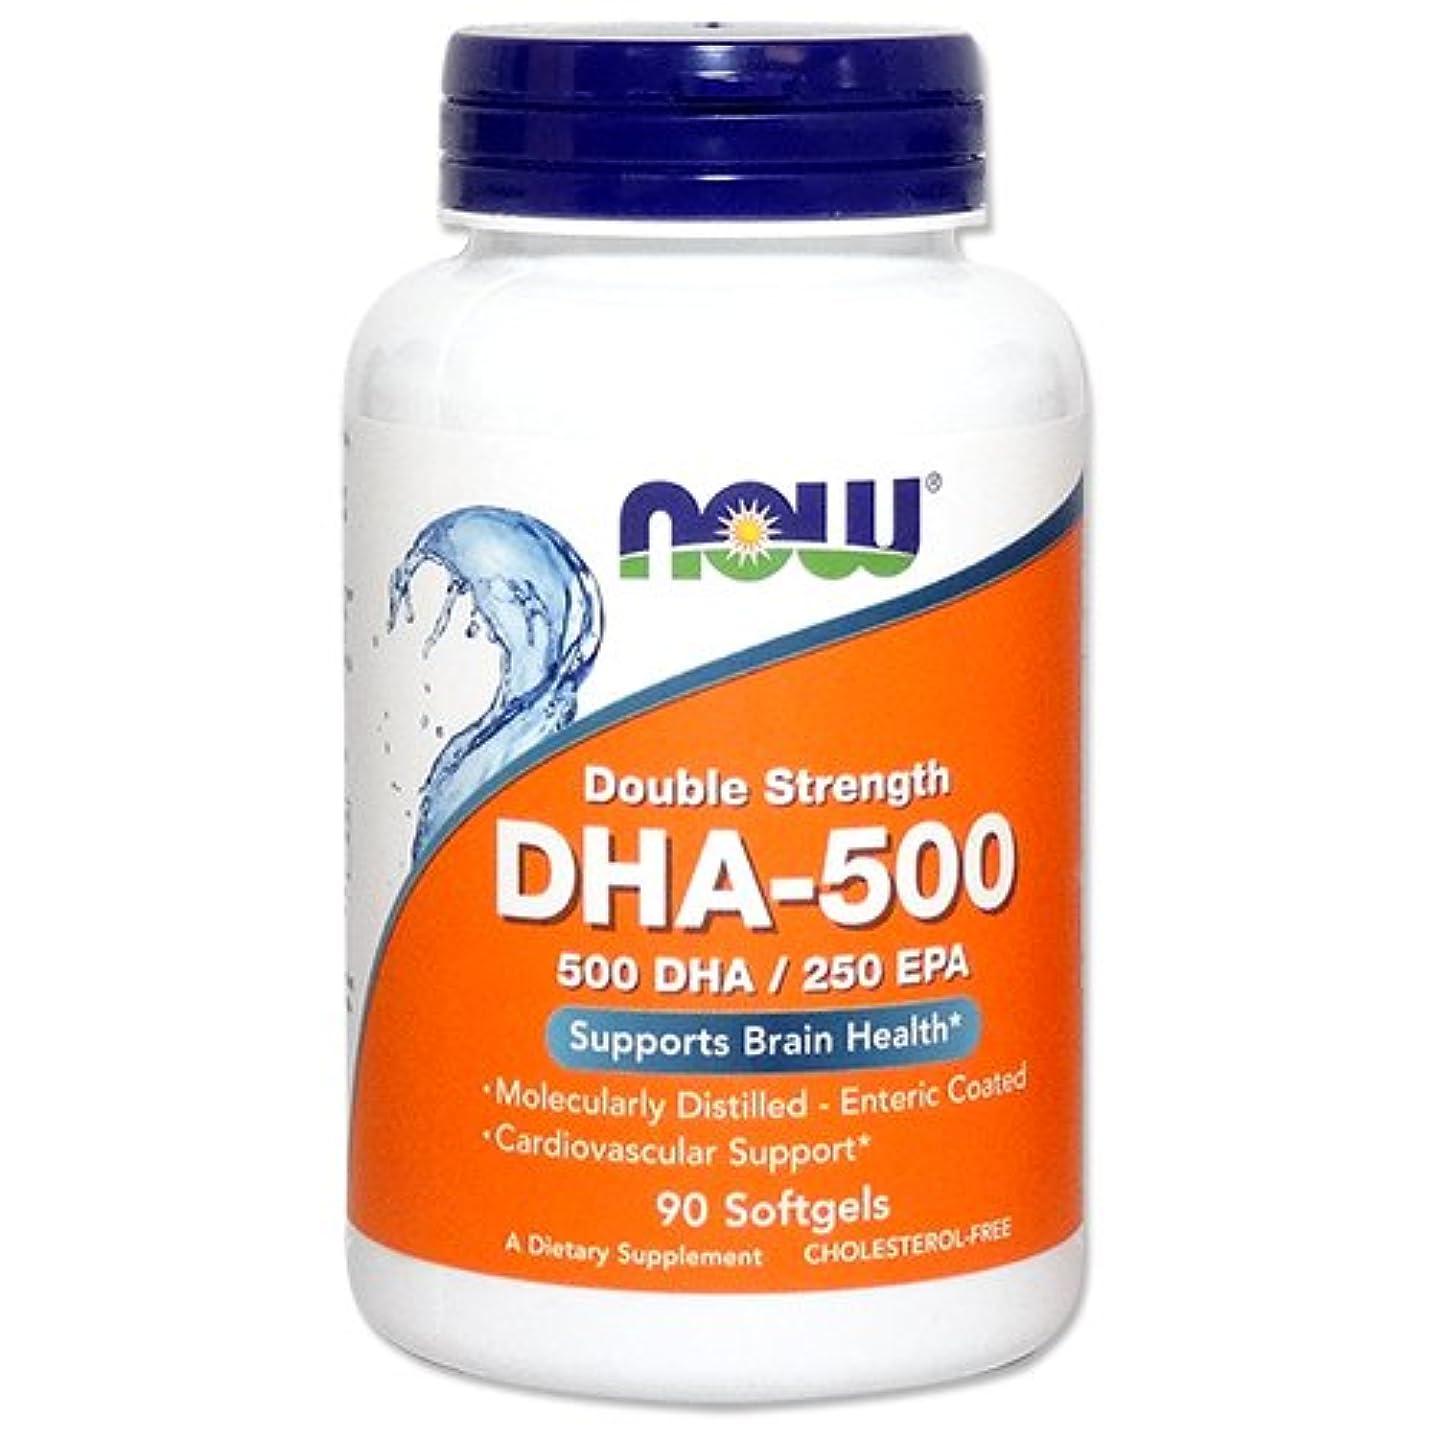 海里電話置換[海外直送品] ナウフーズ   高含有DHA-500 90粒